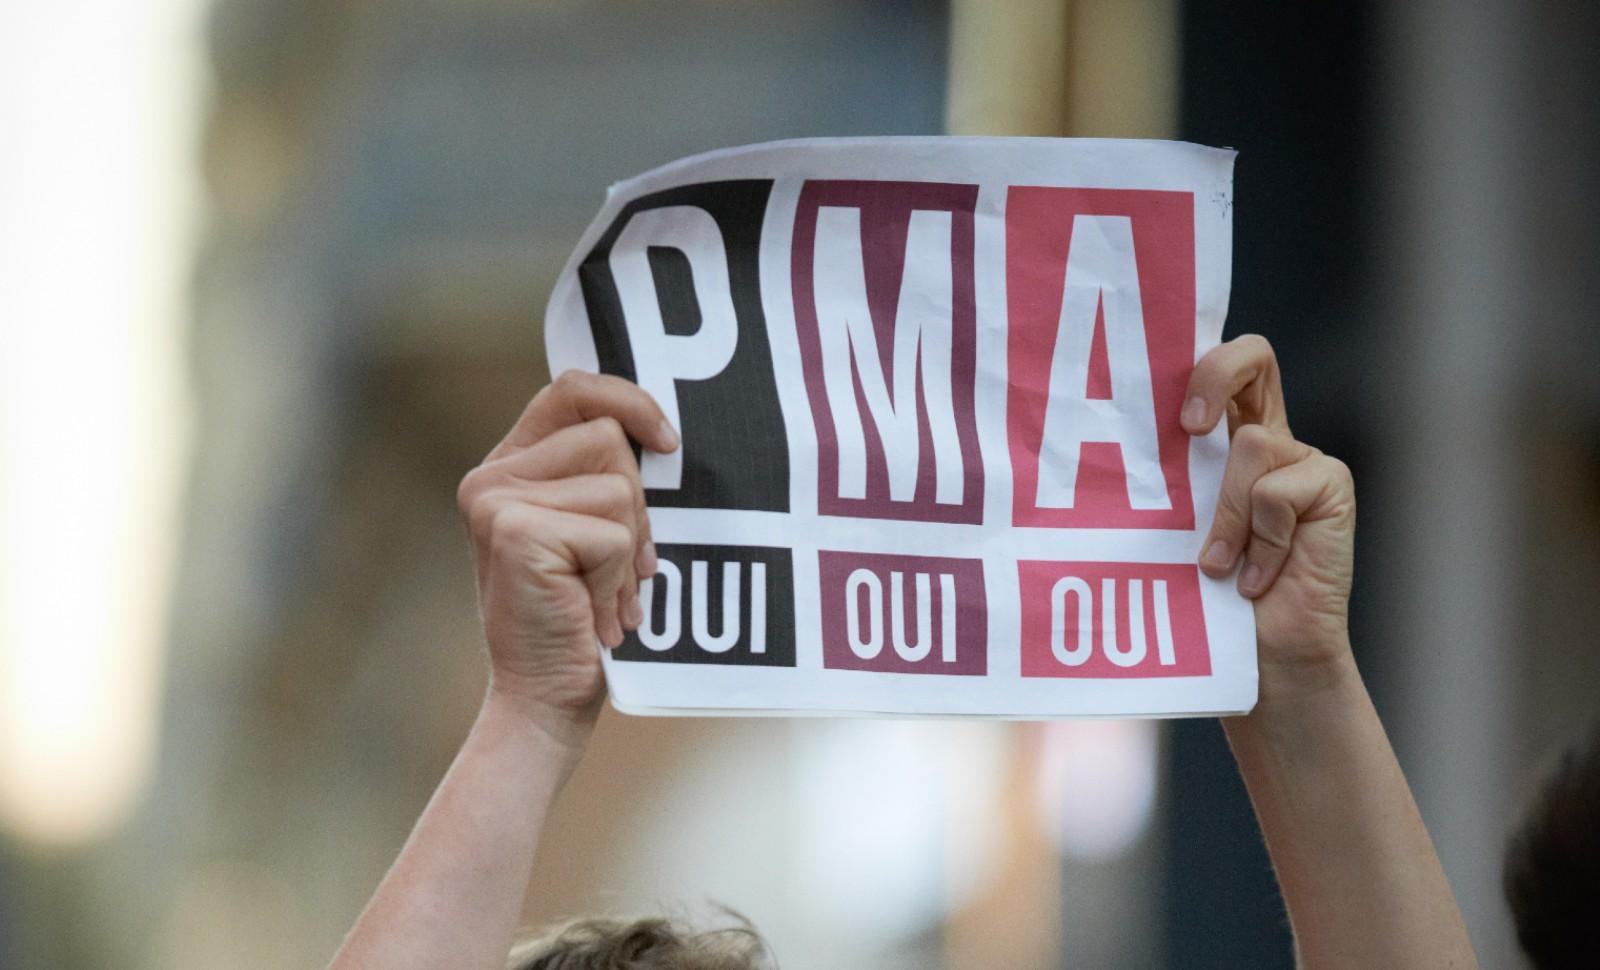 Mobilisation d'Act up contre un rassemblement de la Manif pour tous à Toulouse, 4 octobre 2018. © Alain Pitton/ Nurphoto/ AFP